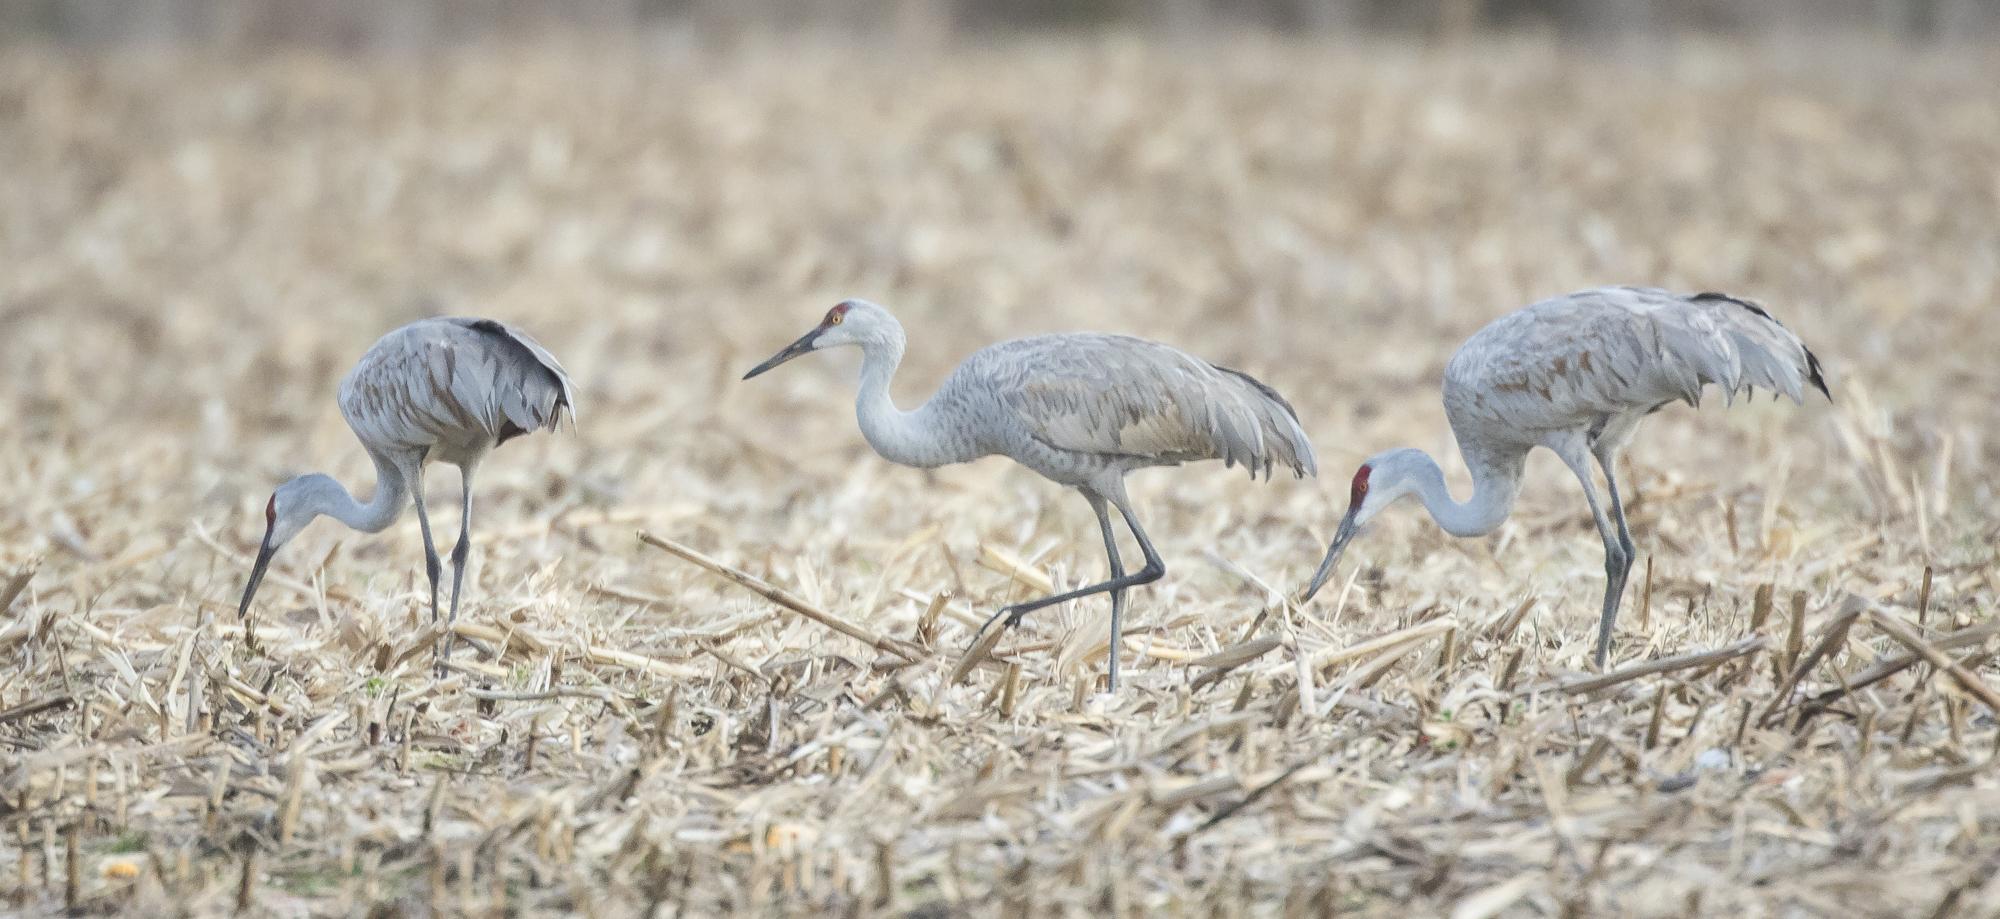 Sandhill cranes in cornfield